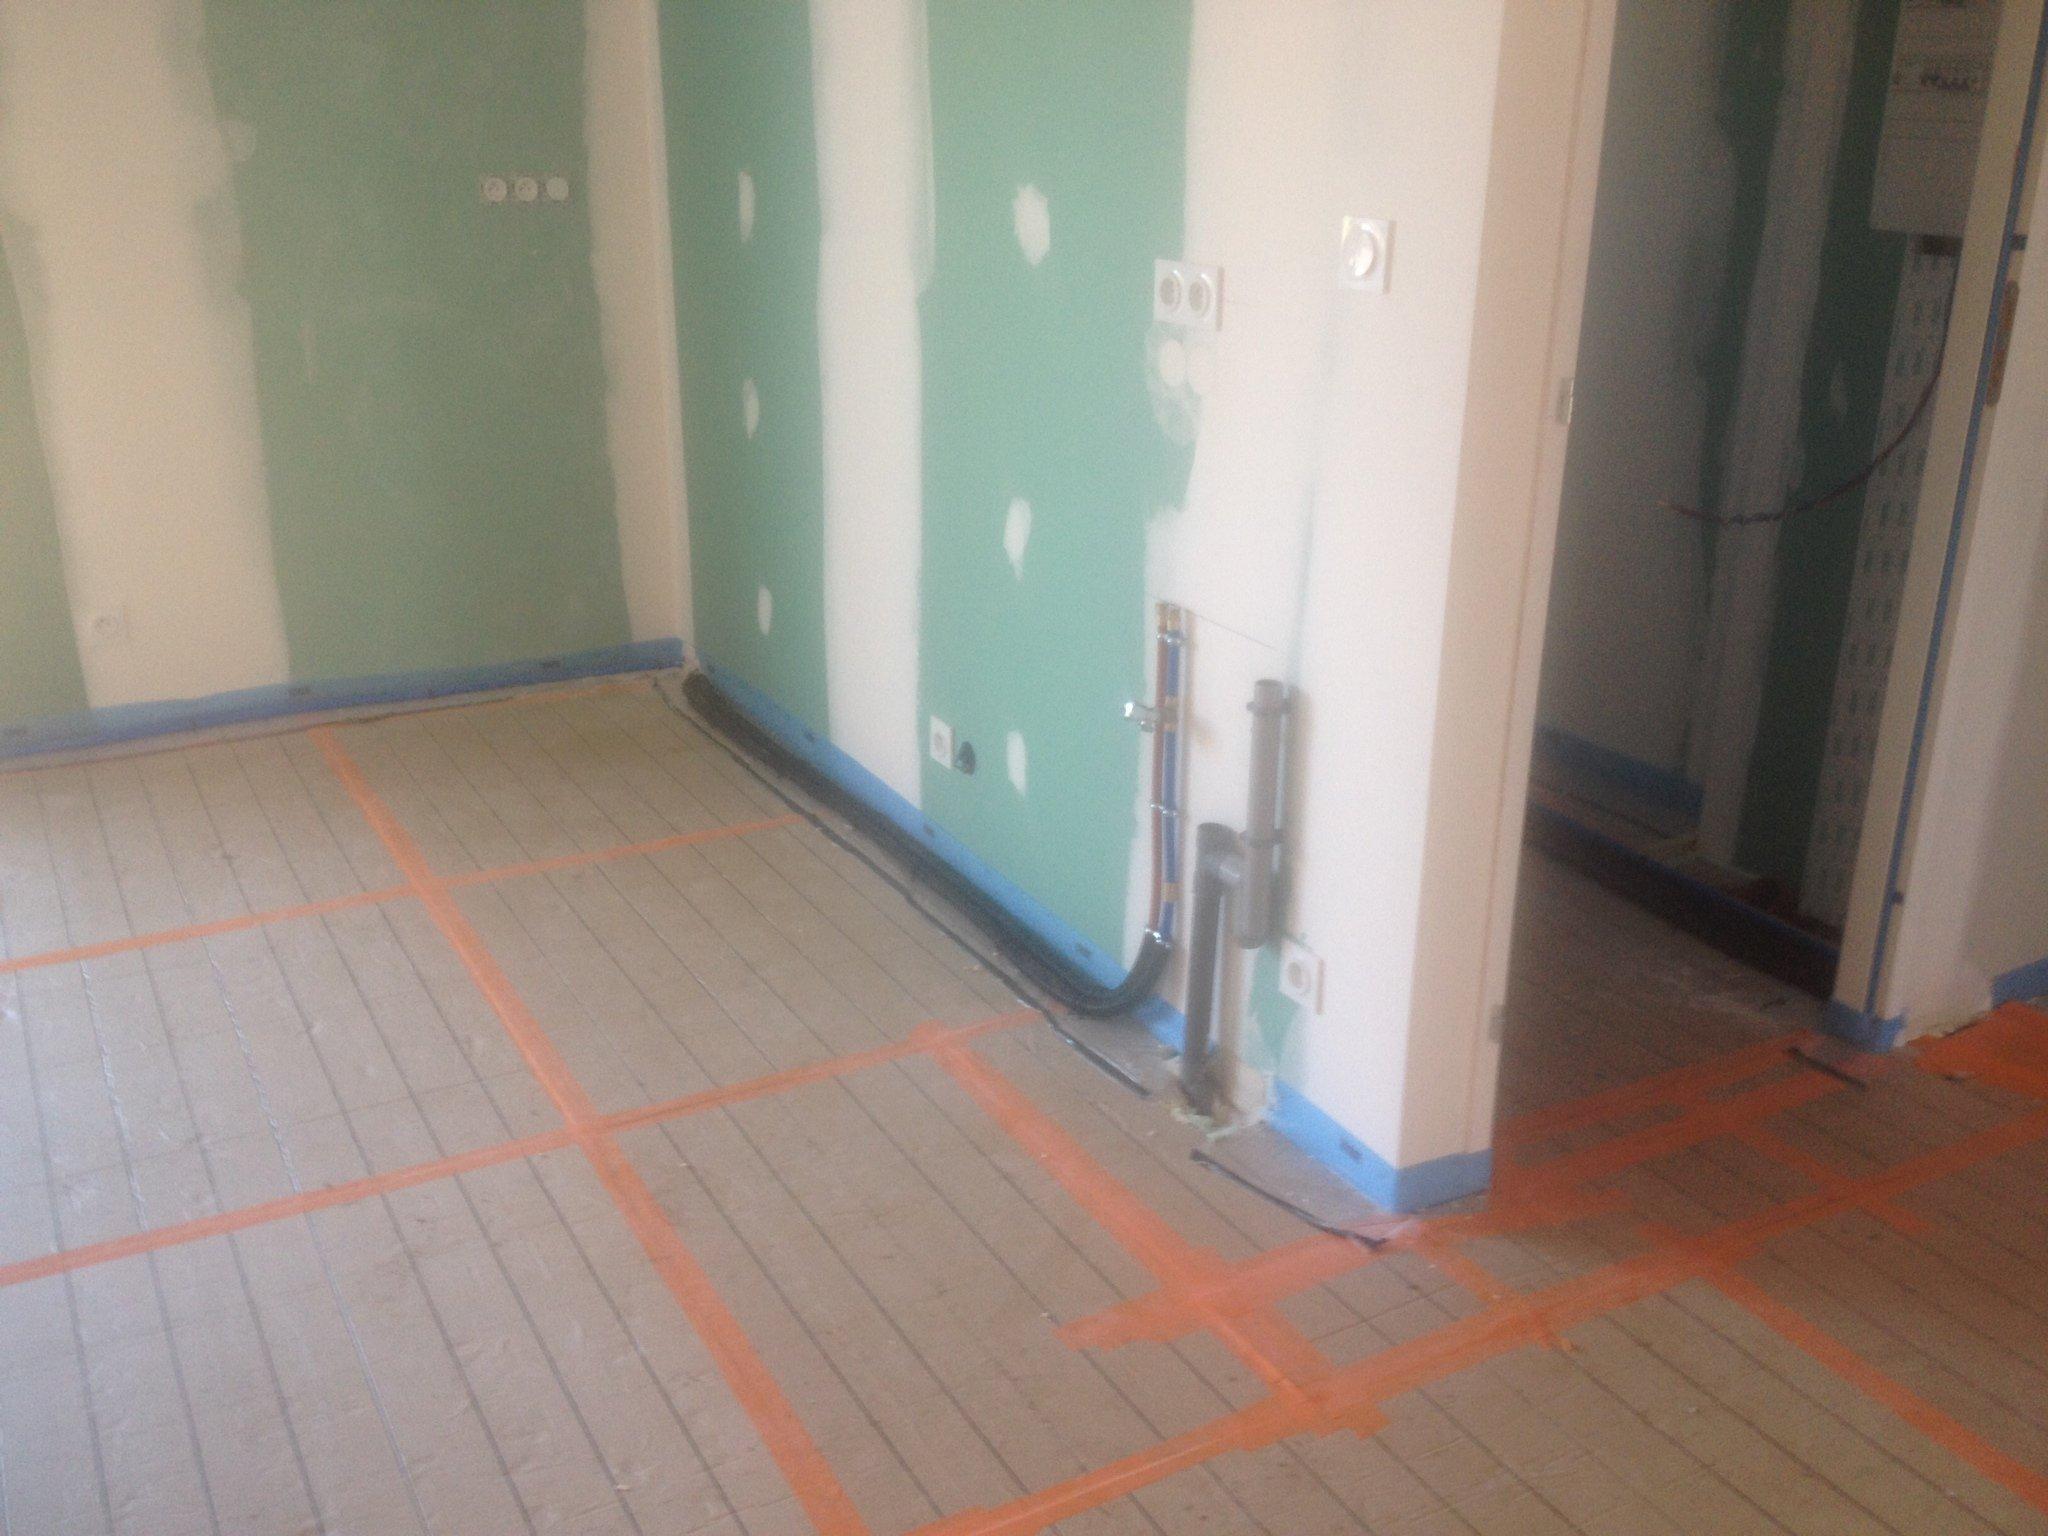 Les travaux int rieurs 3 constructionmaison33 for Bac a douche encastrable